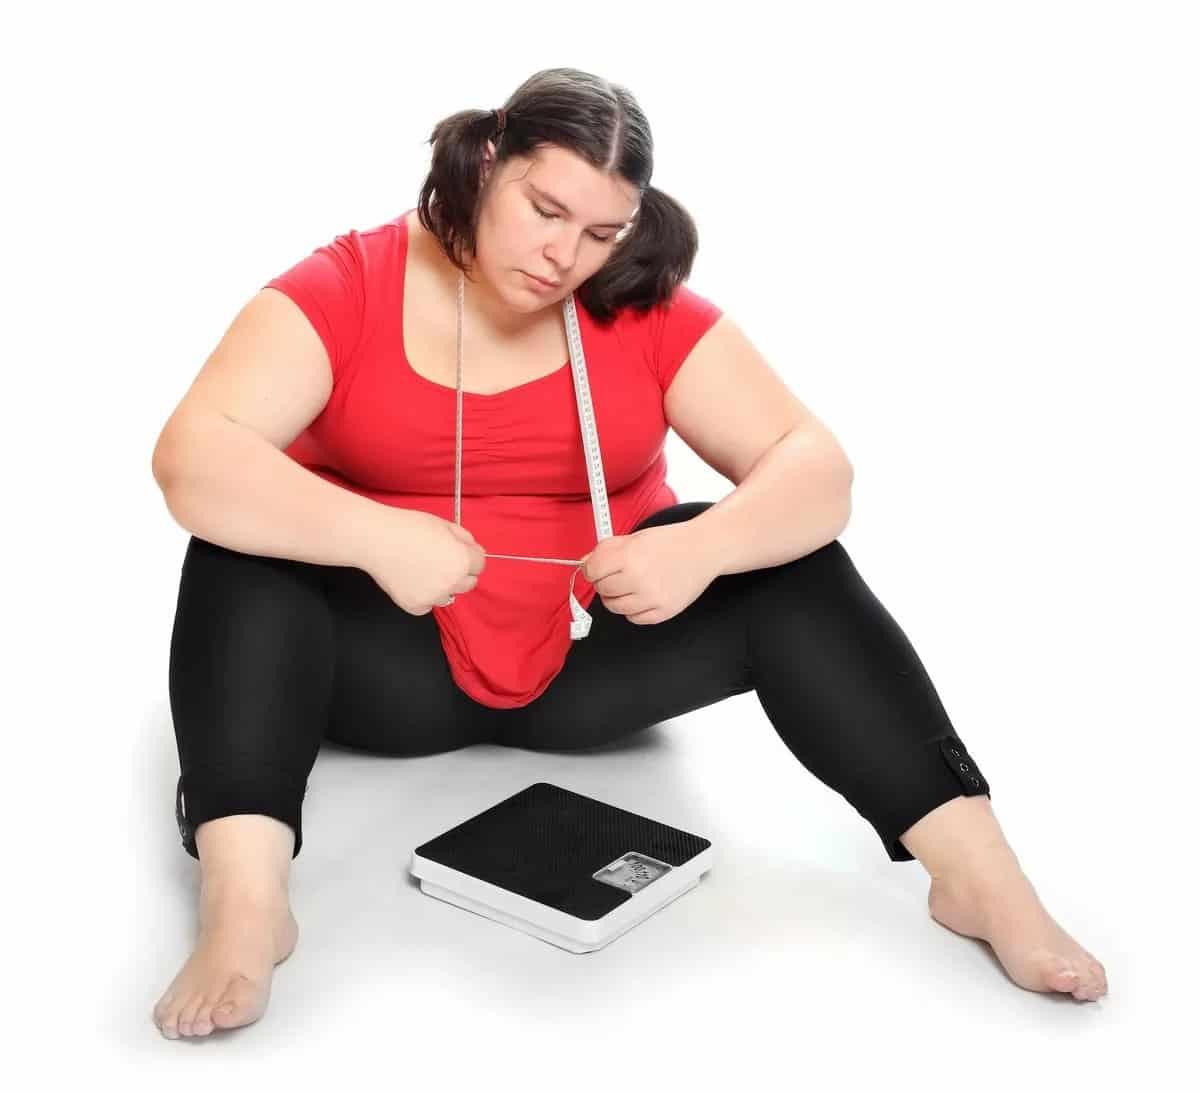 Похудеть на 10 кг за месяц: эффективные диеты для похудения